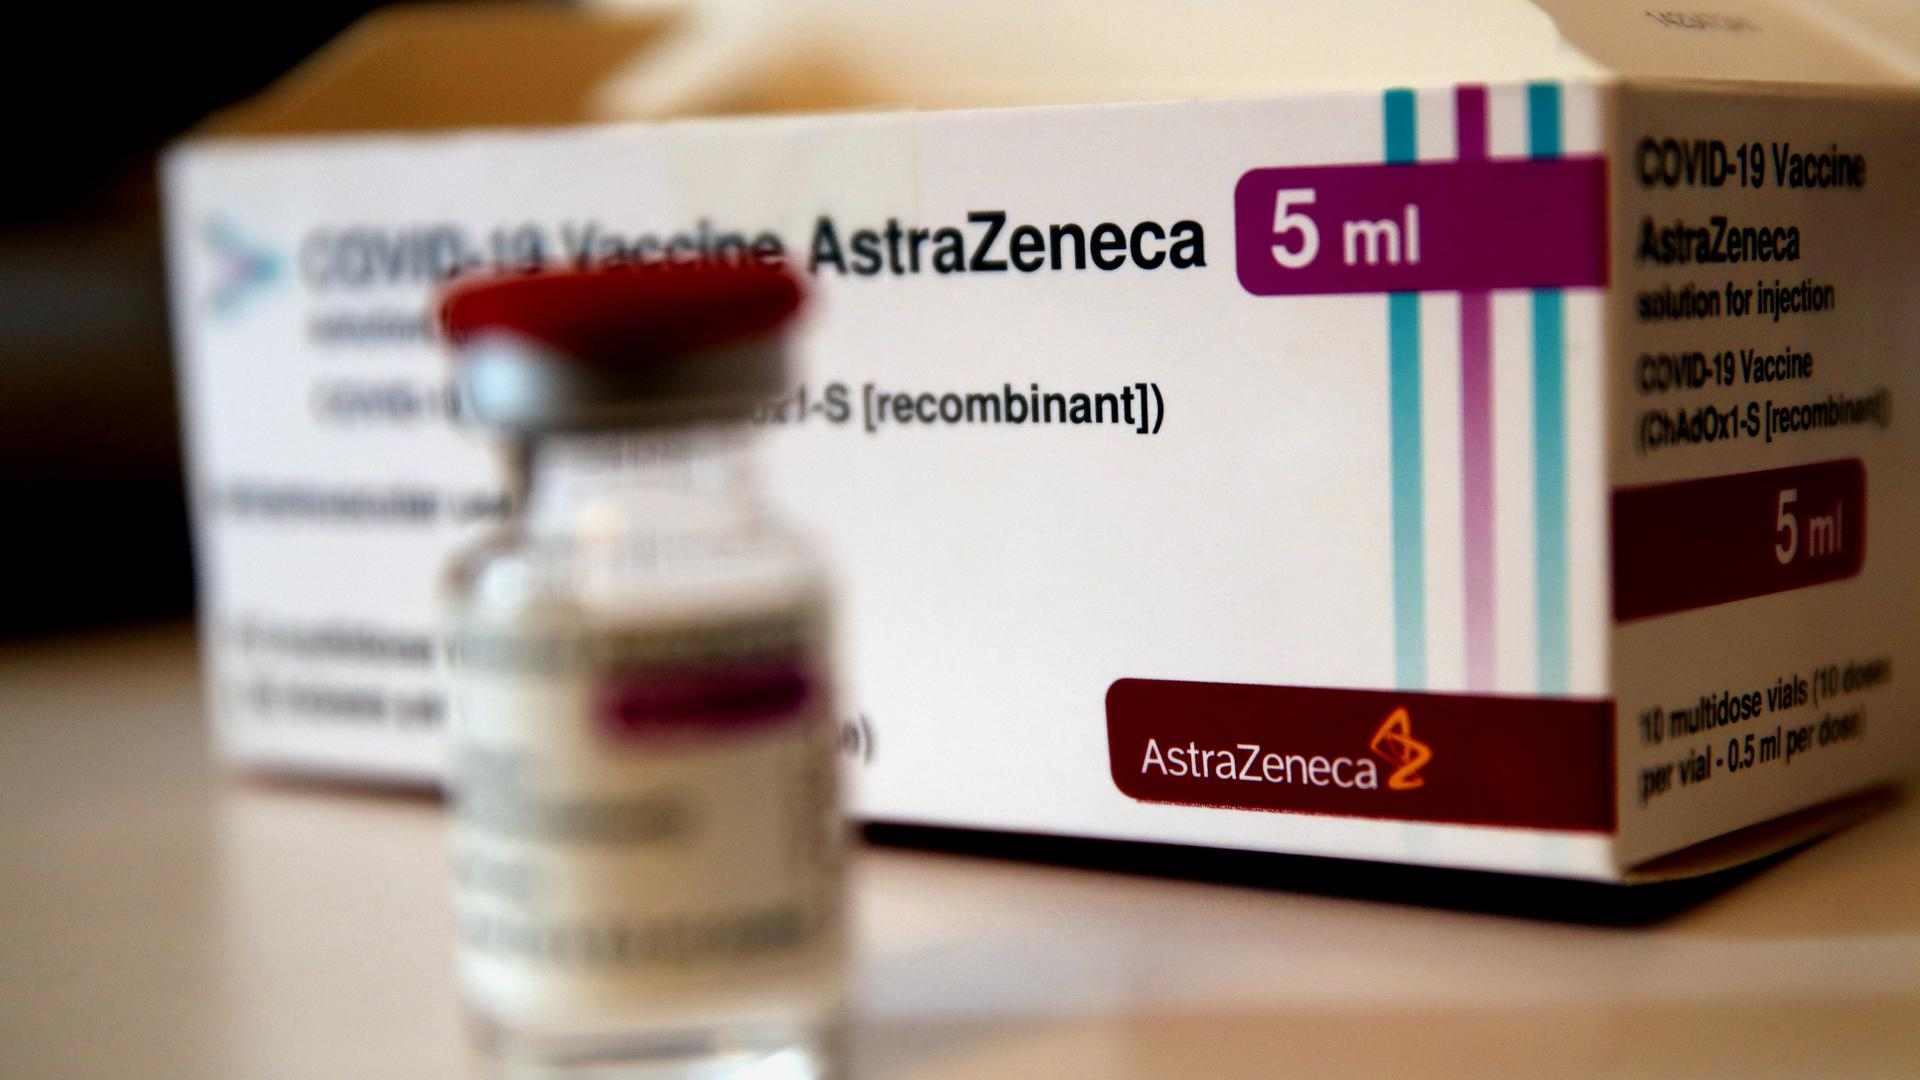 Impstoff gestoppt: Das Corona-Vakzin des schwedisch-britischen Pharmakonzerns Astrazeneca wird in Deutschland vorerst nicht verabreicht, was zur Absage von Hunderten Impfterminen in der Region geführt hat.